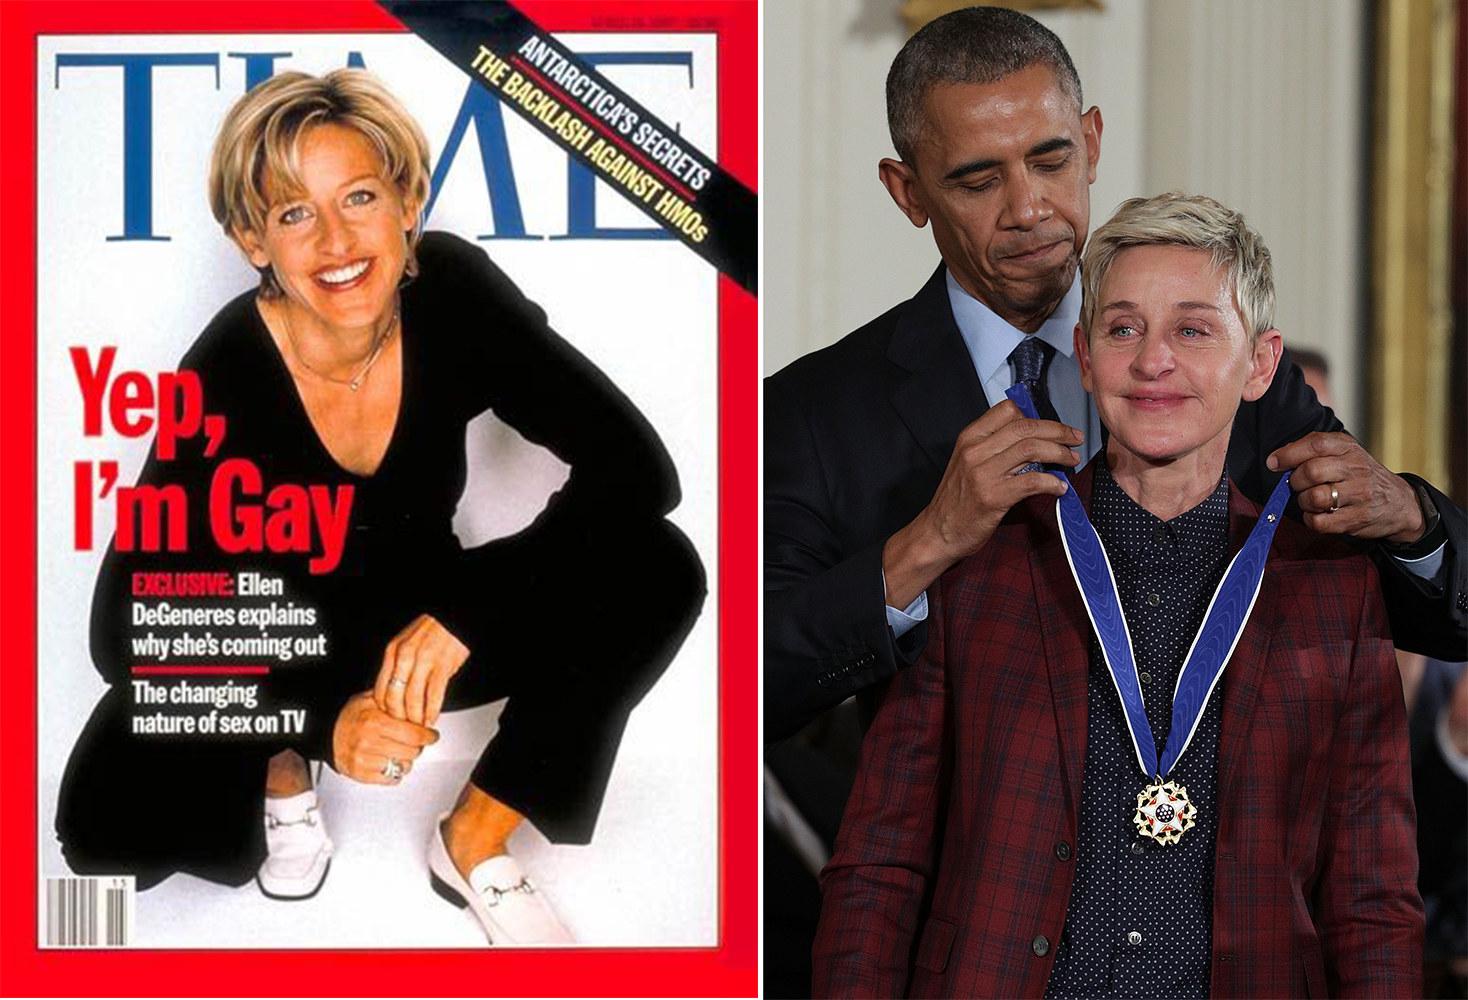 Ellen DeGeneres' 1997 cover of Time magazine; President Barack Obama presents the Presidential Medal of Freedom to DeGeneres in 2016.